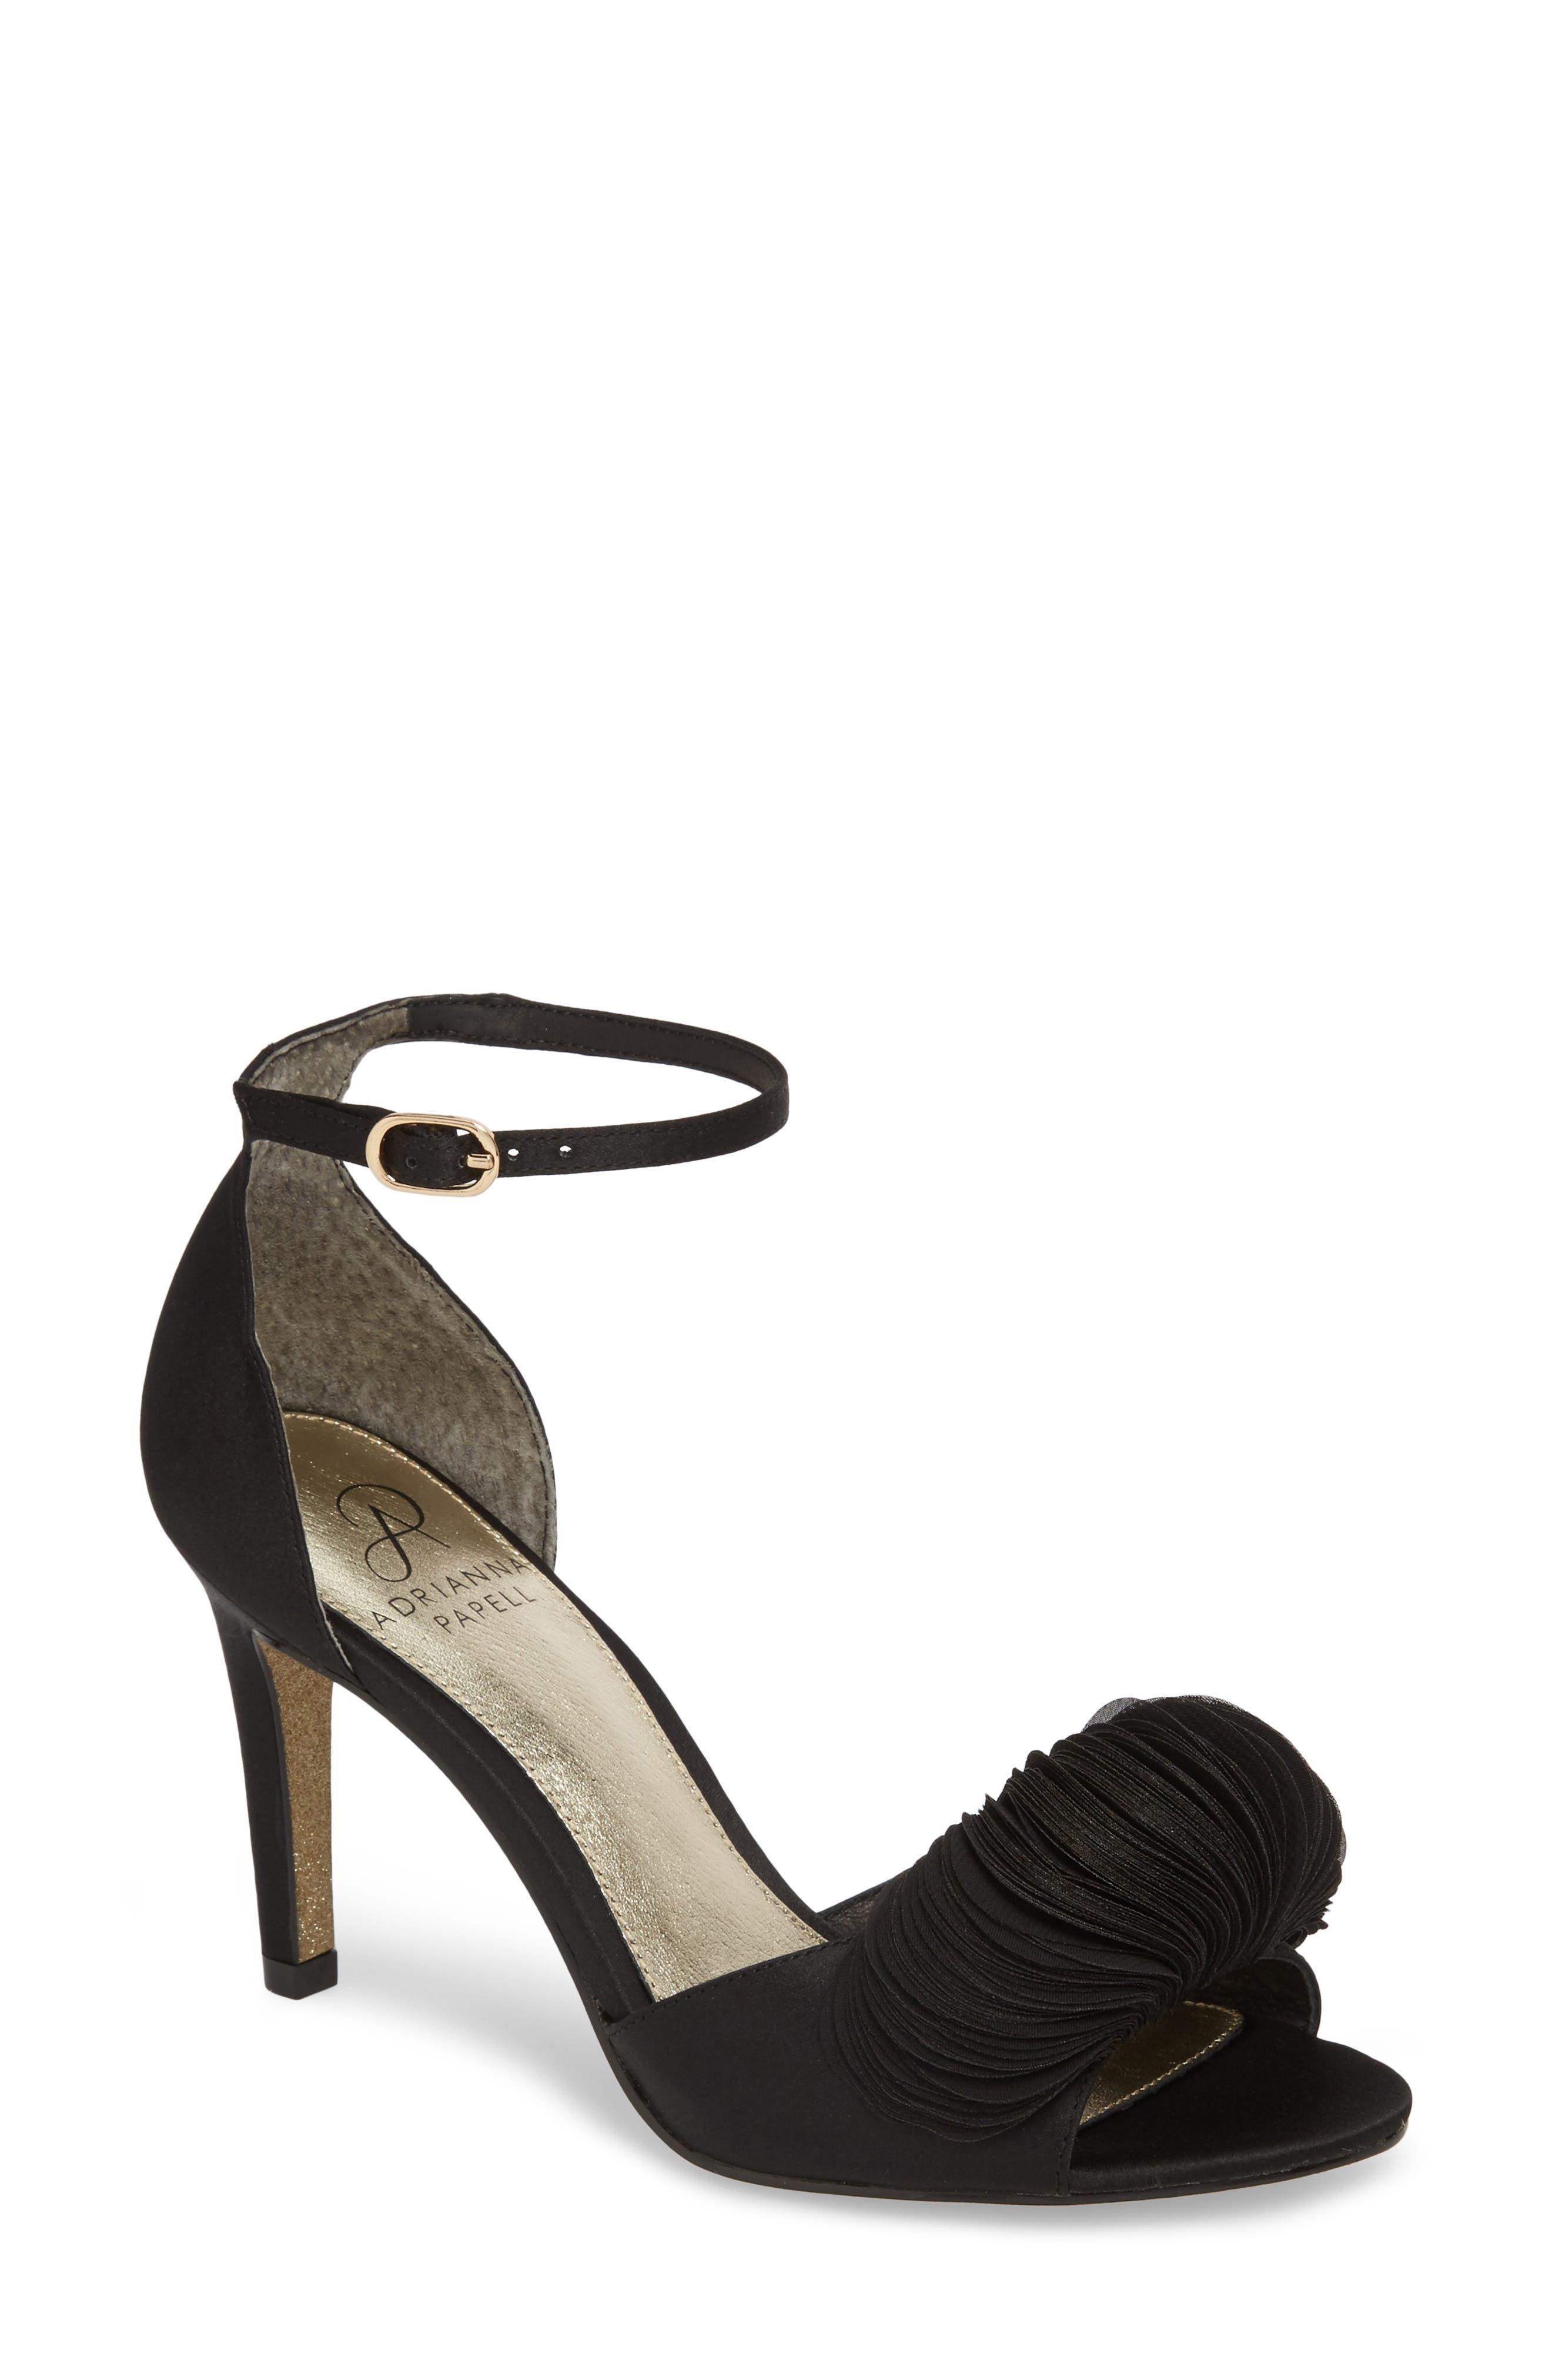 Gracie Ankle Strap Sandal,                             Main thumbnail 1, color,                             001